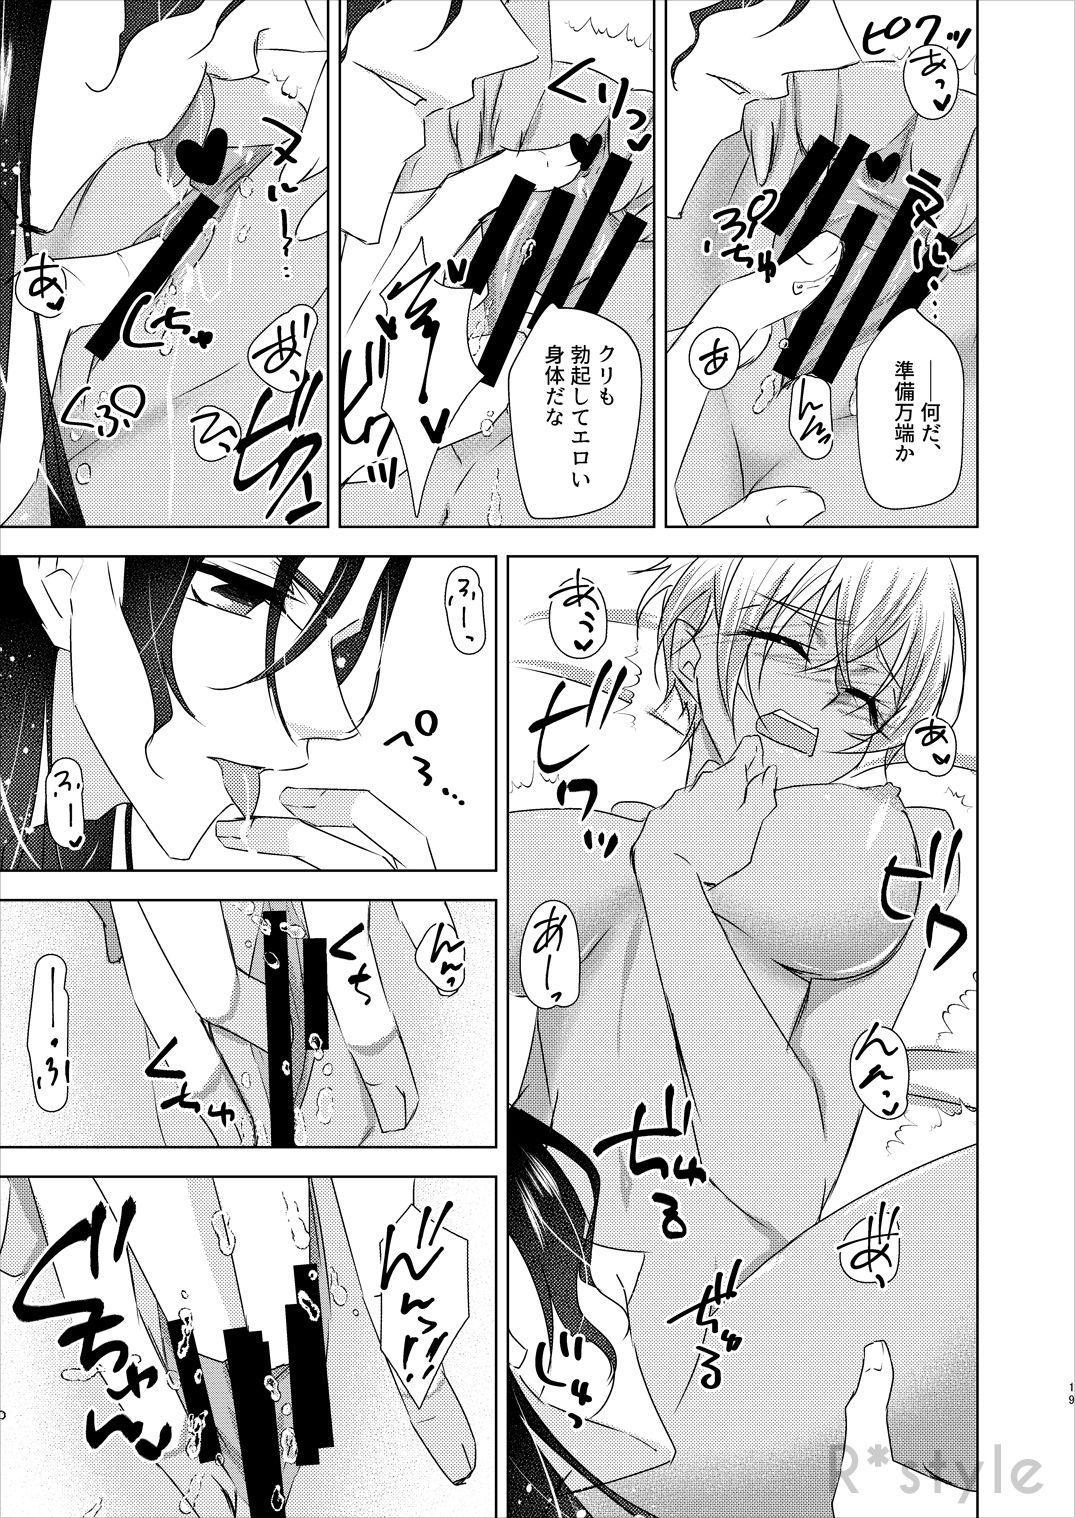 Kanojo wa Himitsu o Motteiru Side:RB 17